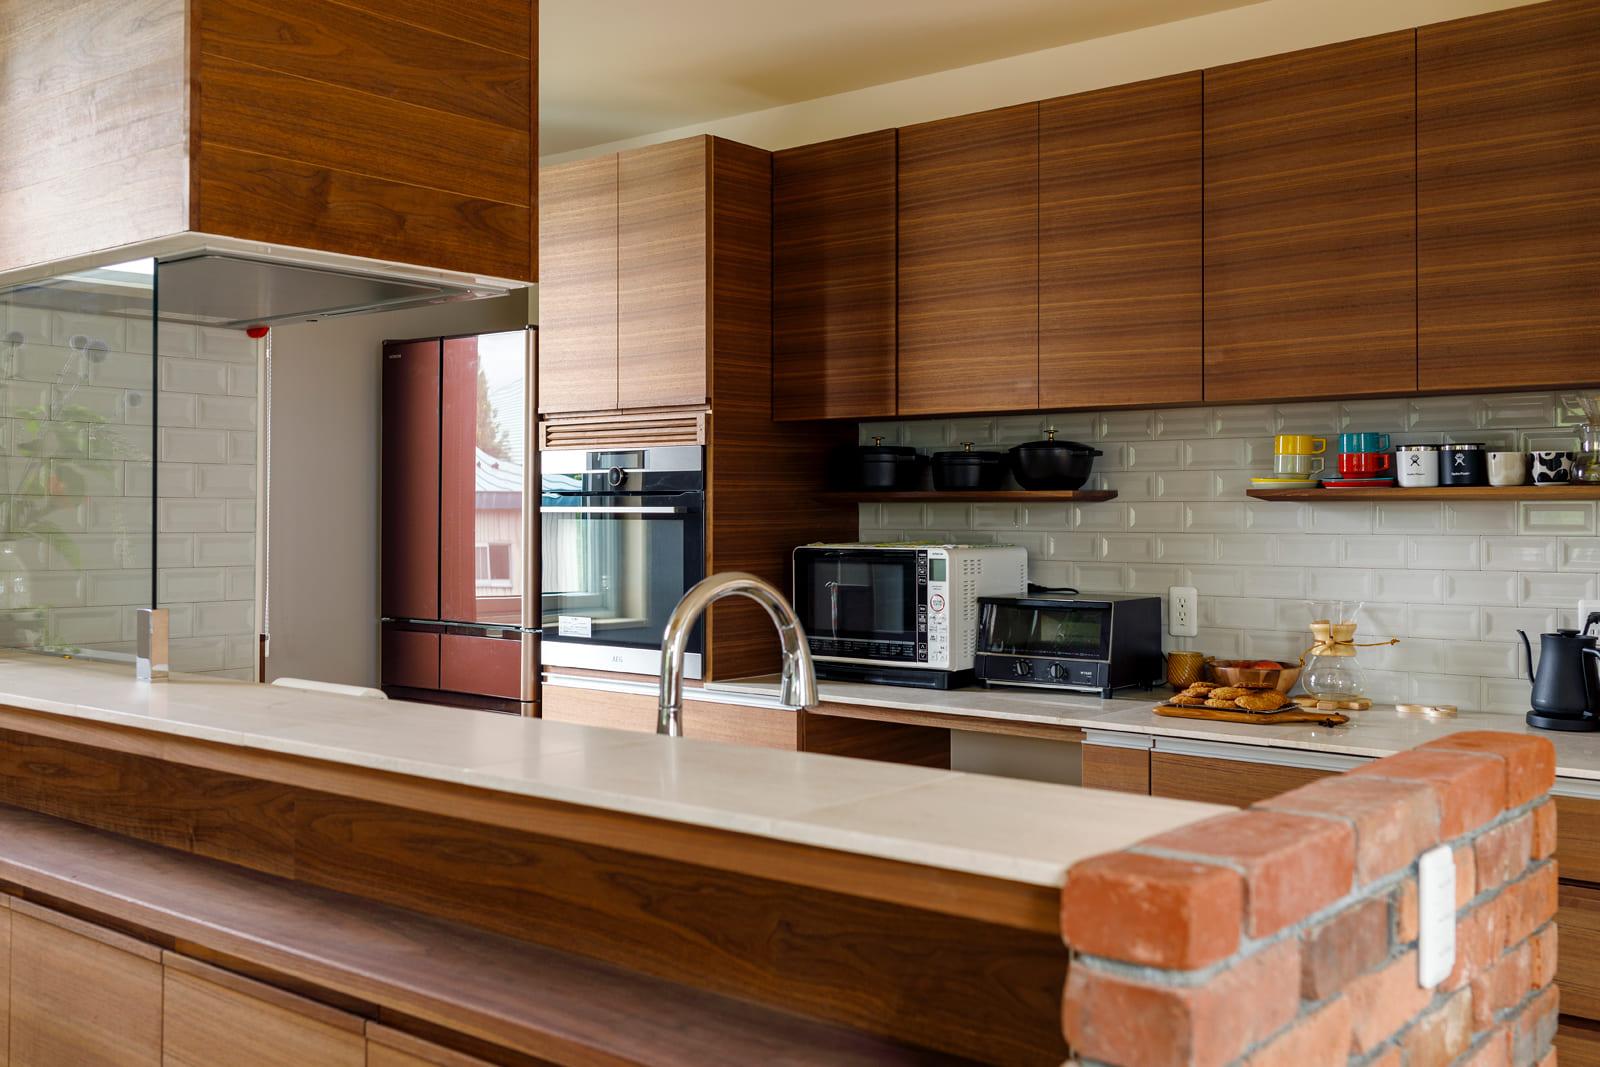 古レンガとウォールナットの組み合わせが、落ち着いた上質な雰囲気を演出するキッチン。「背の高い私に合わせてつくってくれたキッチンなので使い勝手も抜群です」